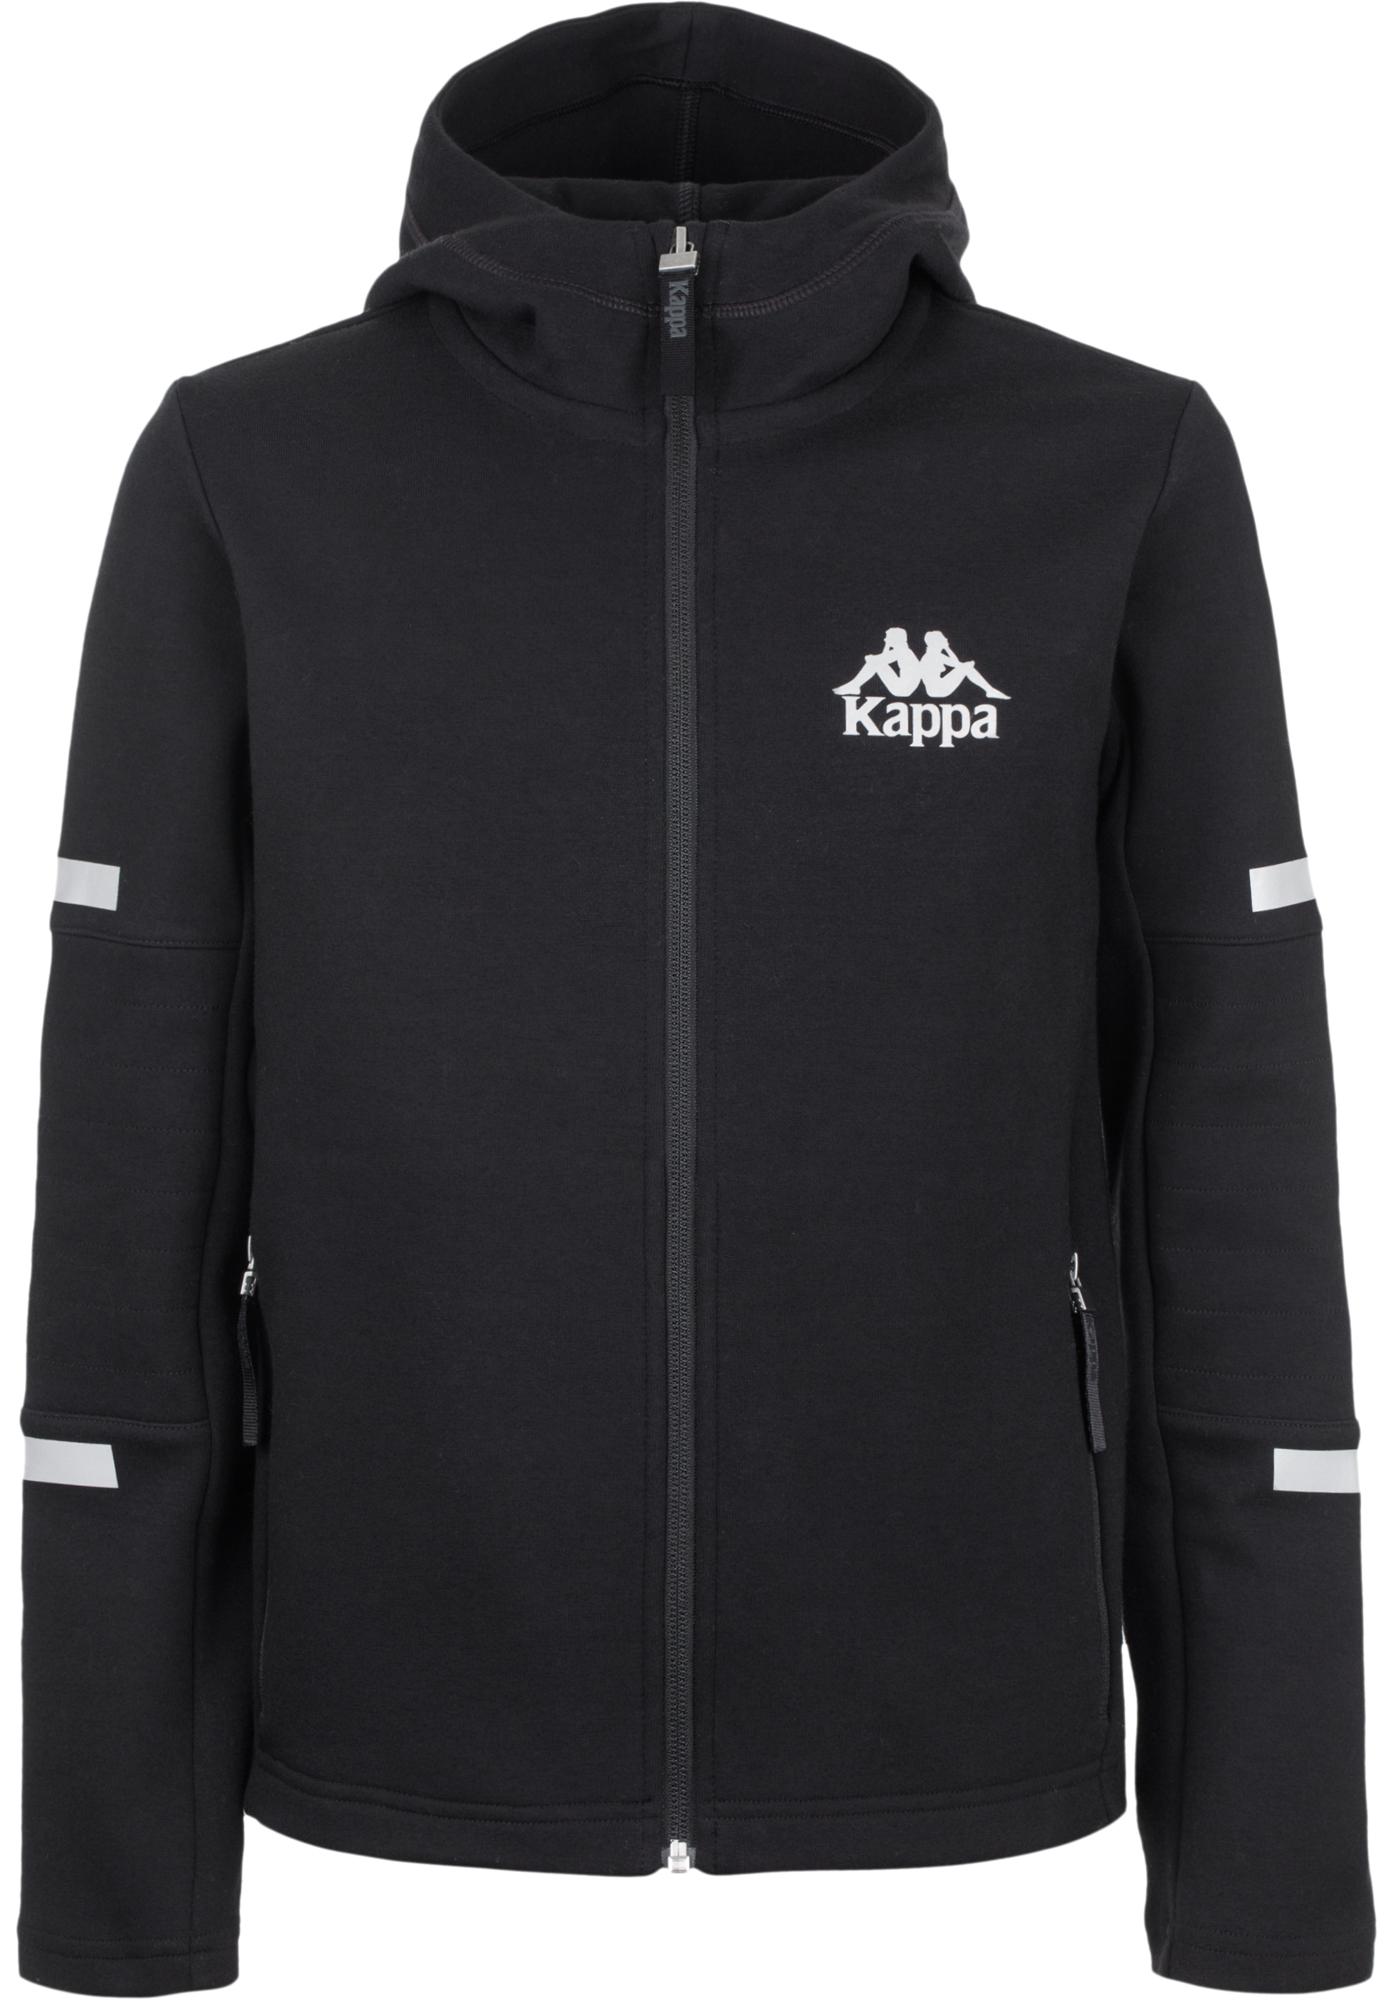 ec87ed89413c Kappa Джемпер для мальчиков Kappa, размер 176 kappa футболка для мальчиков  kappa размер 176